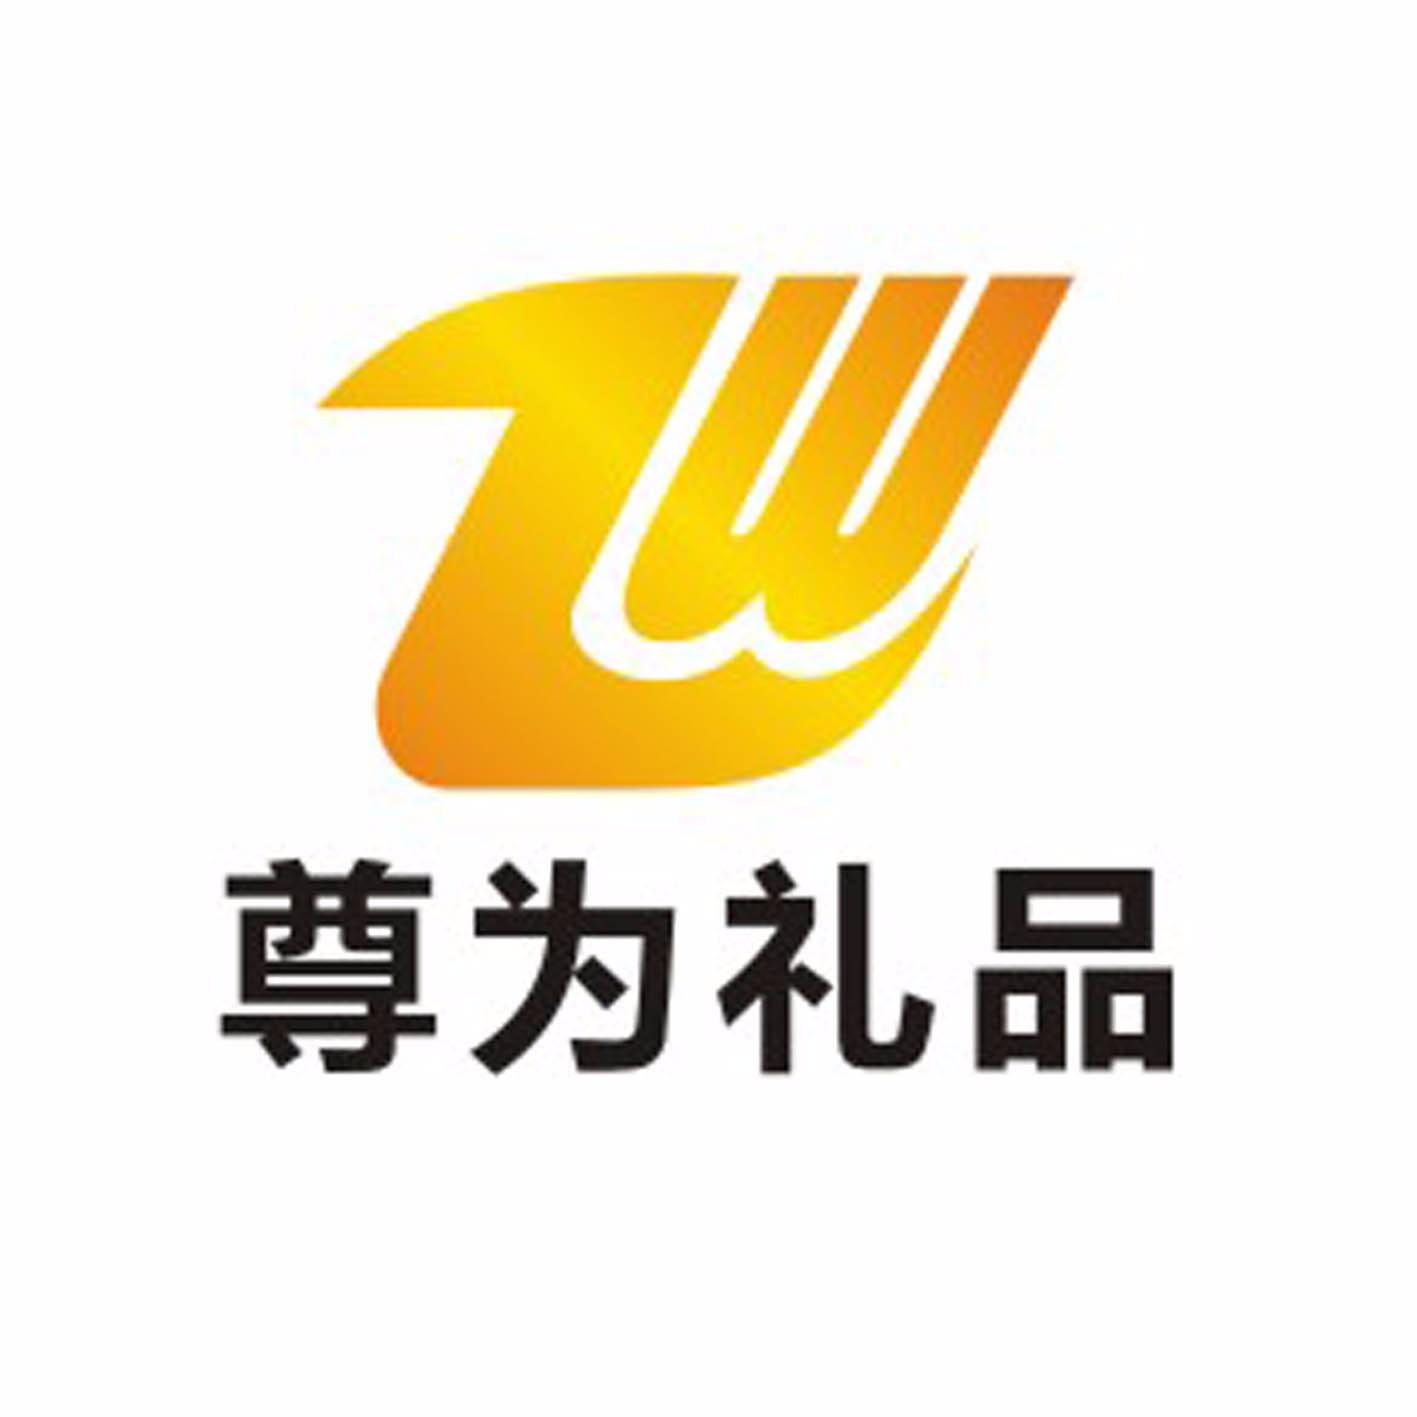 广州尊为贸易有限公司